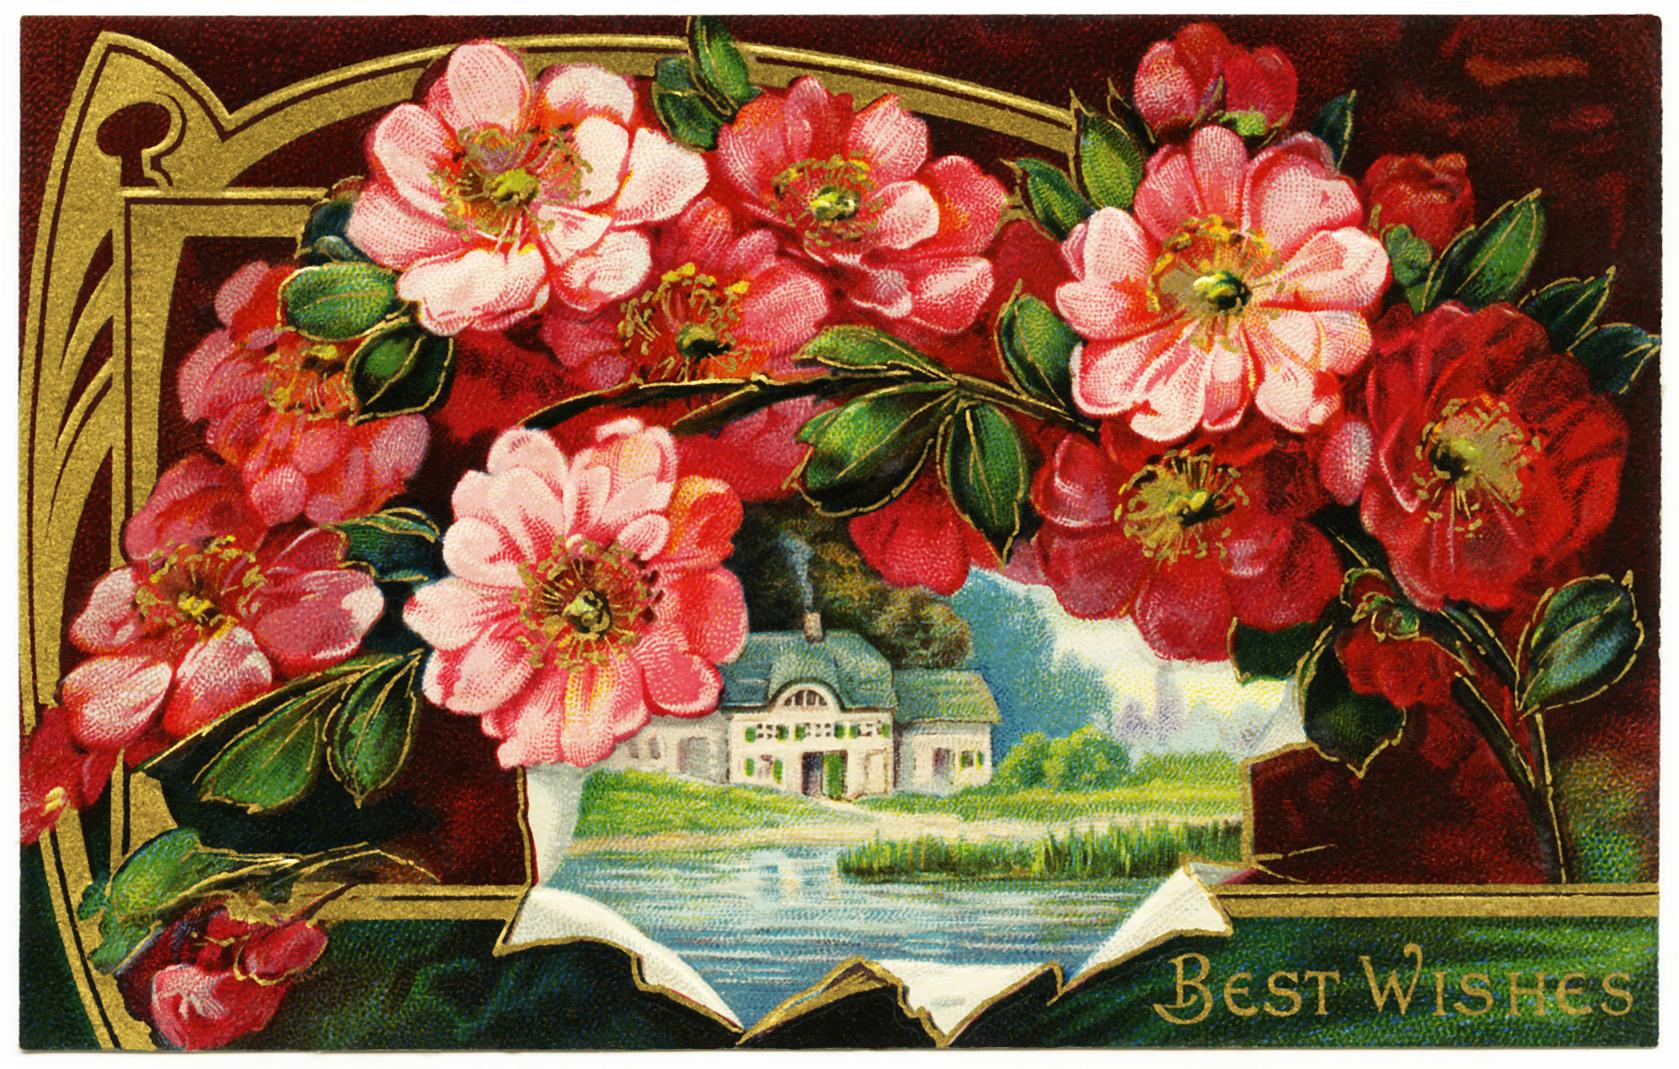 Free Vintage Image ~ Best Wishes Postcard - Old Design Shop Blog